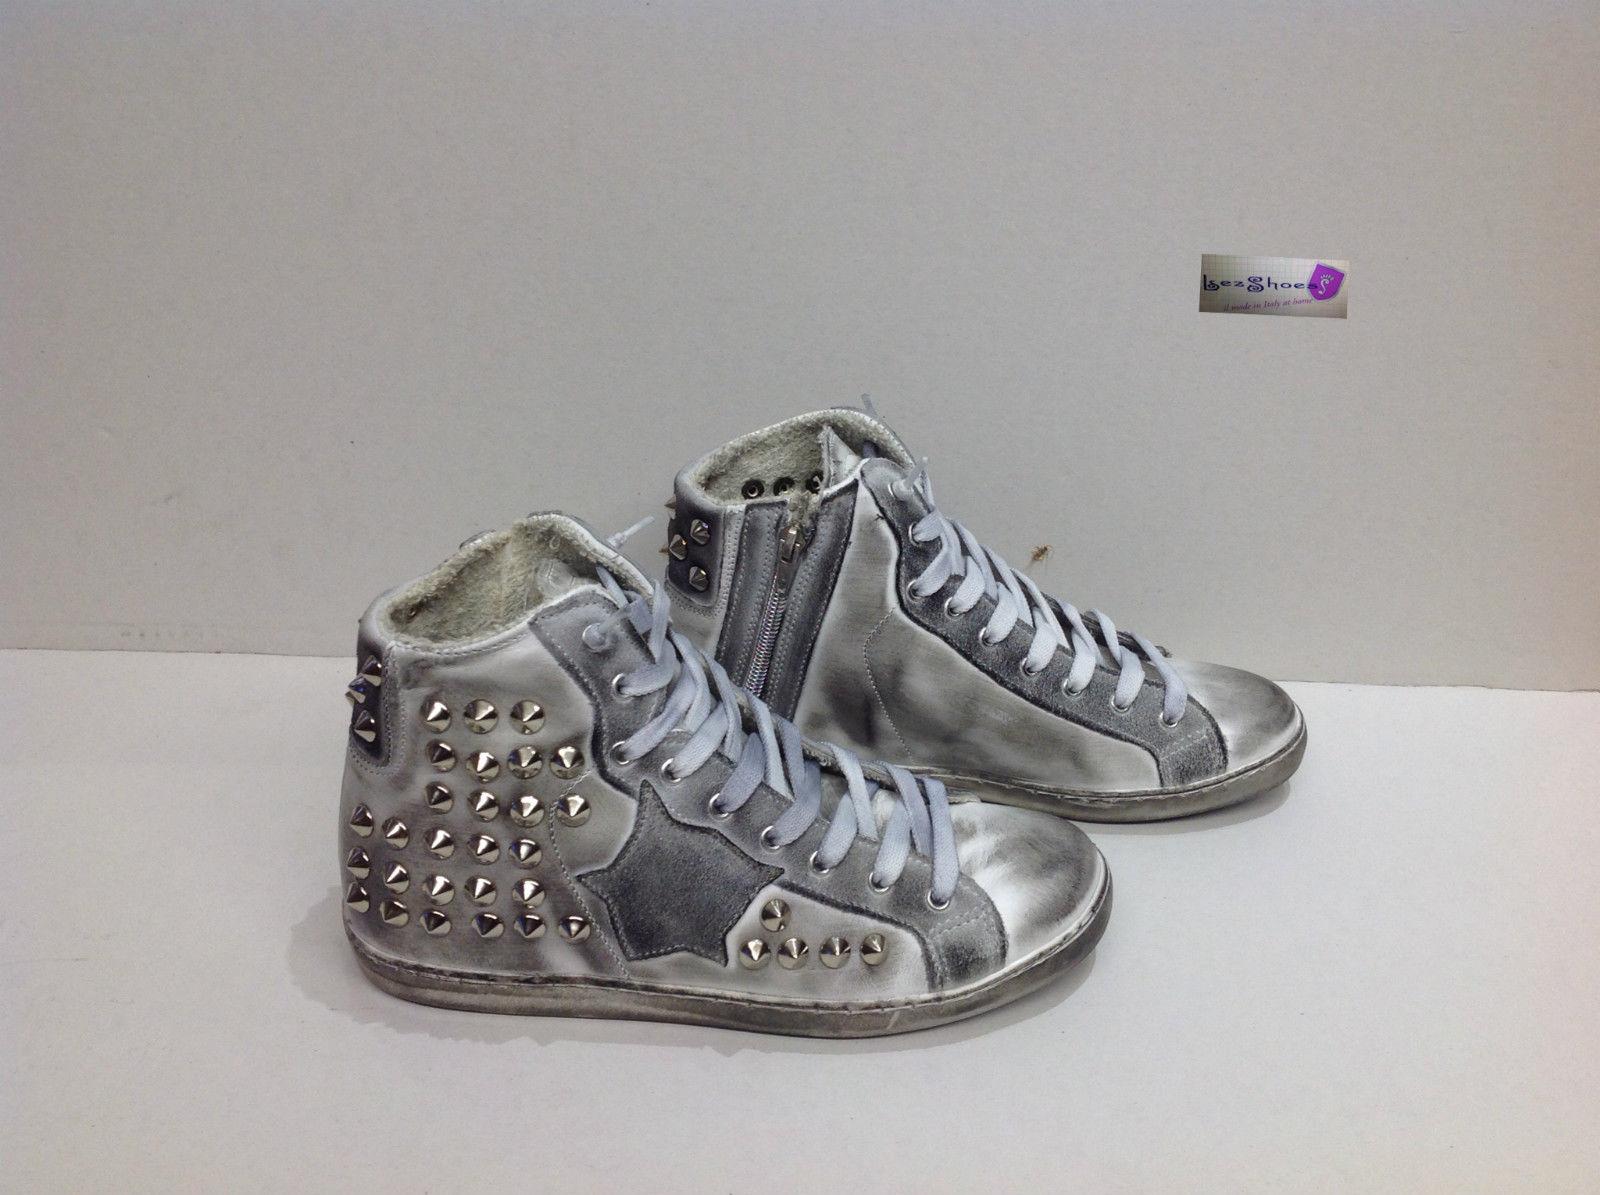 scarpe sneakers alte uomo pelle bianco ghiaccio Via Condotti  dd68d8f0893